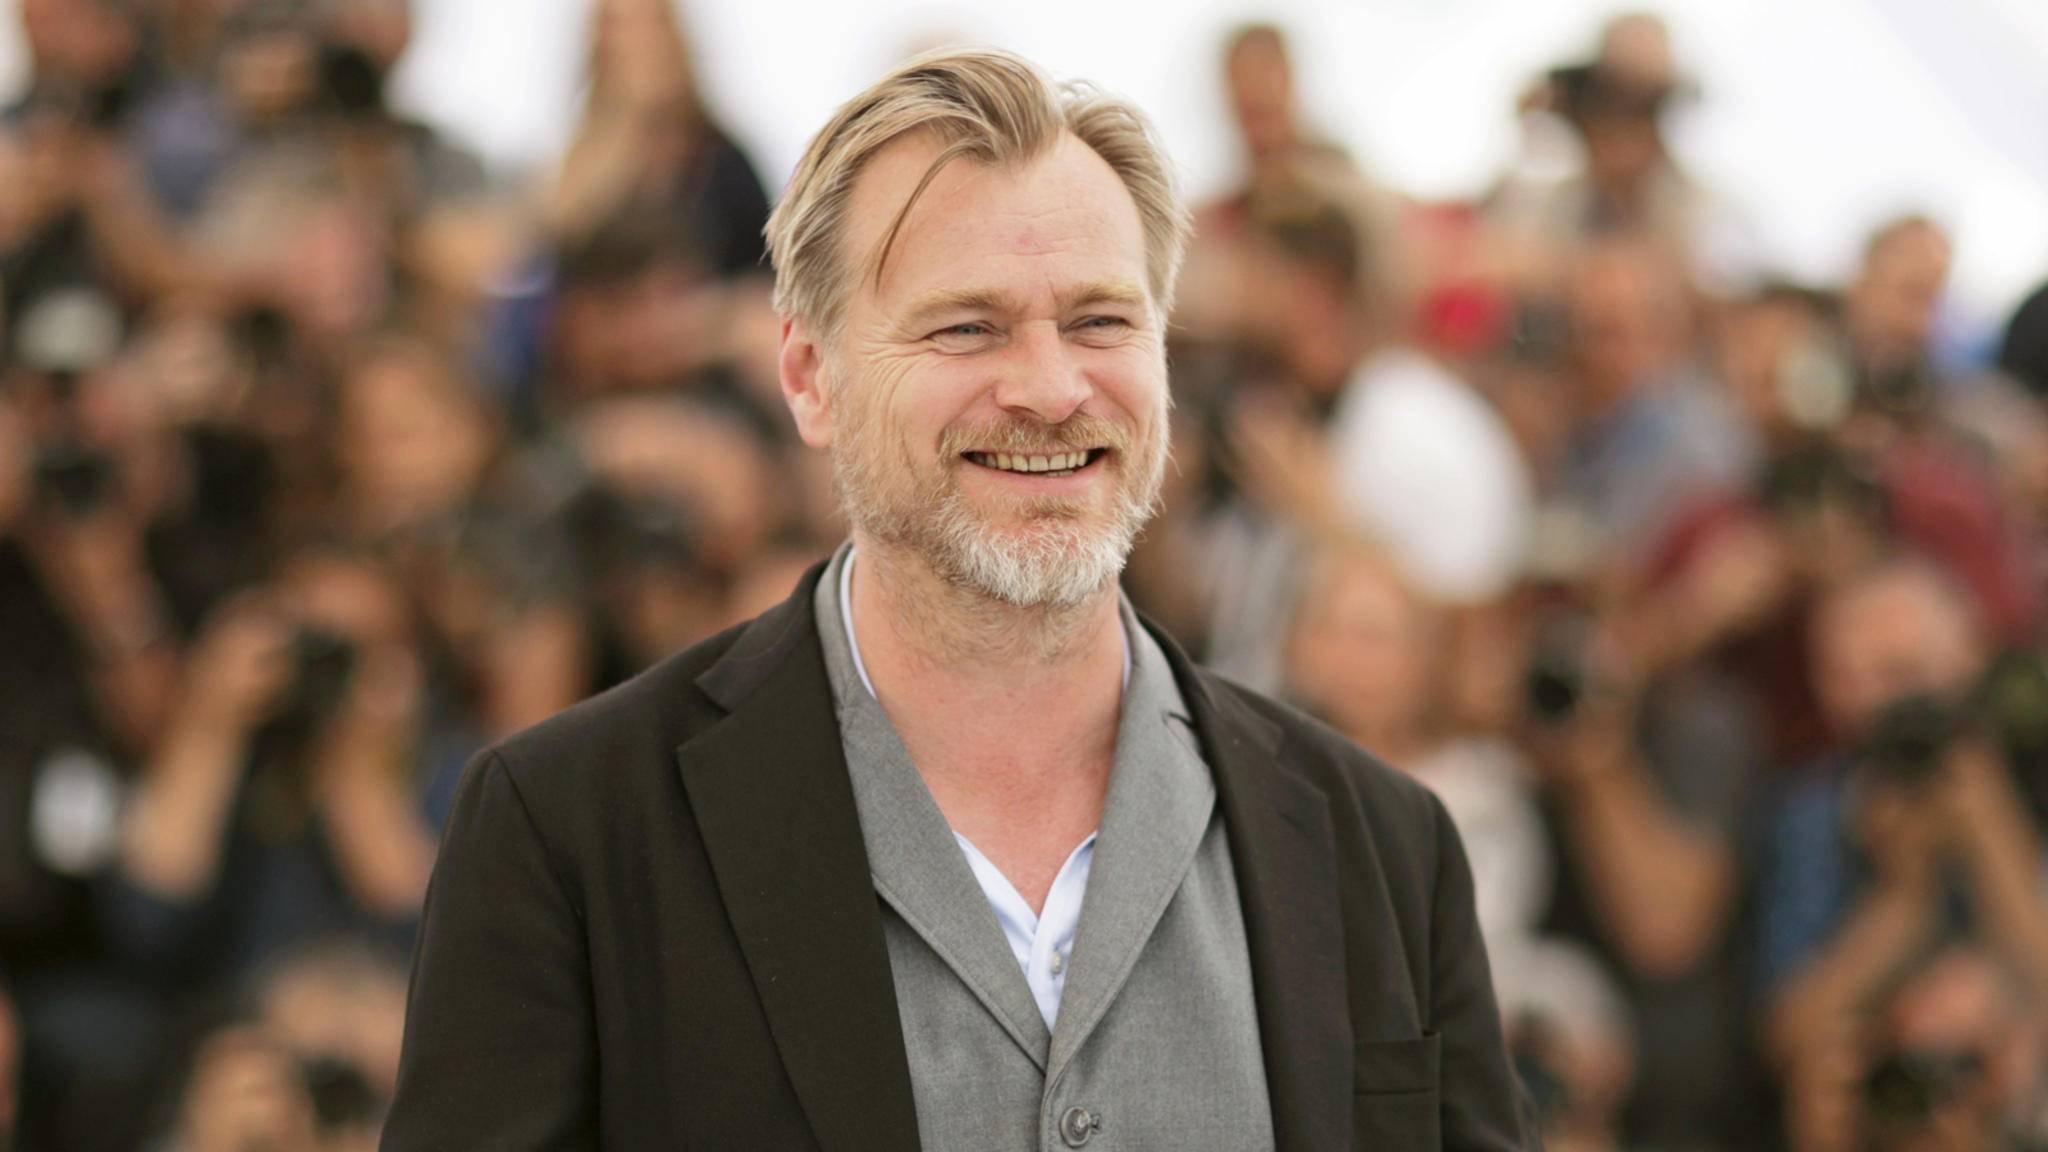 Endlich kennen wir ein paar Eckdaten zum neuen Christopher-Nolan-Film.